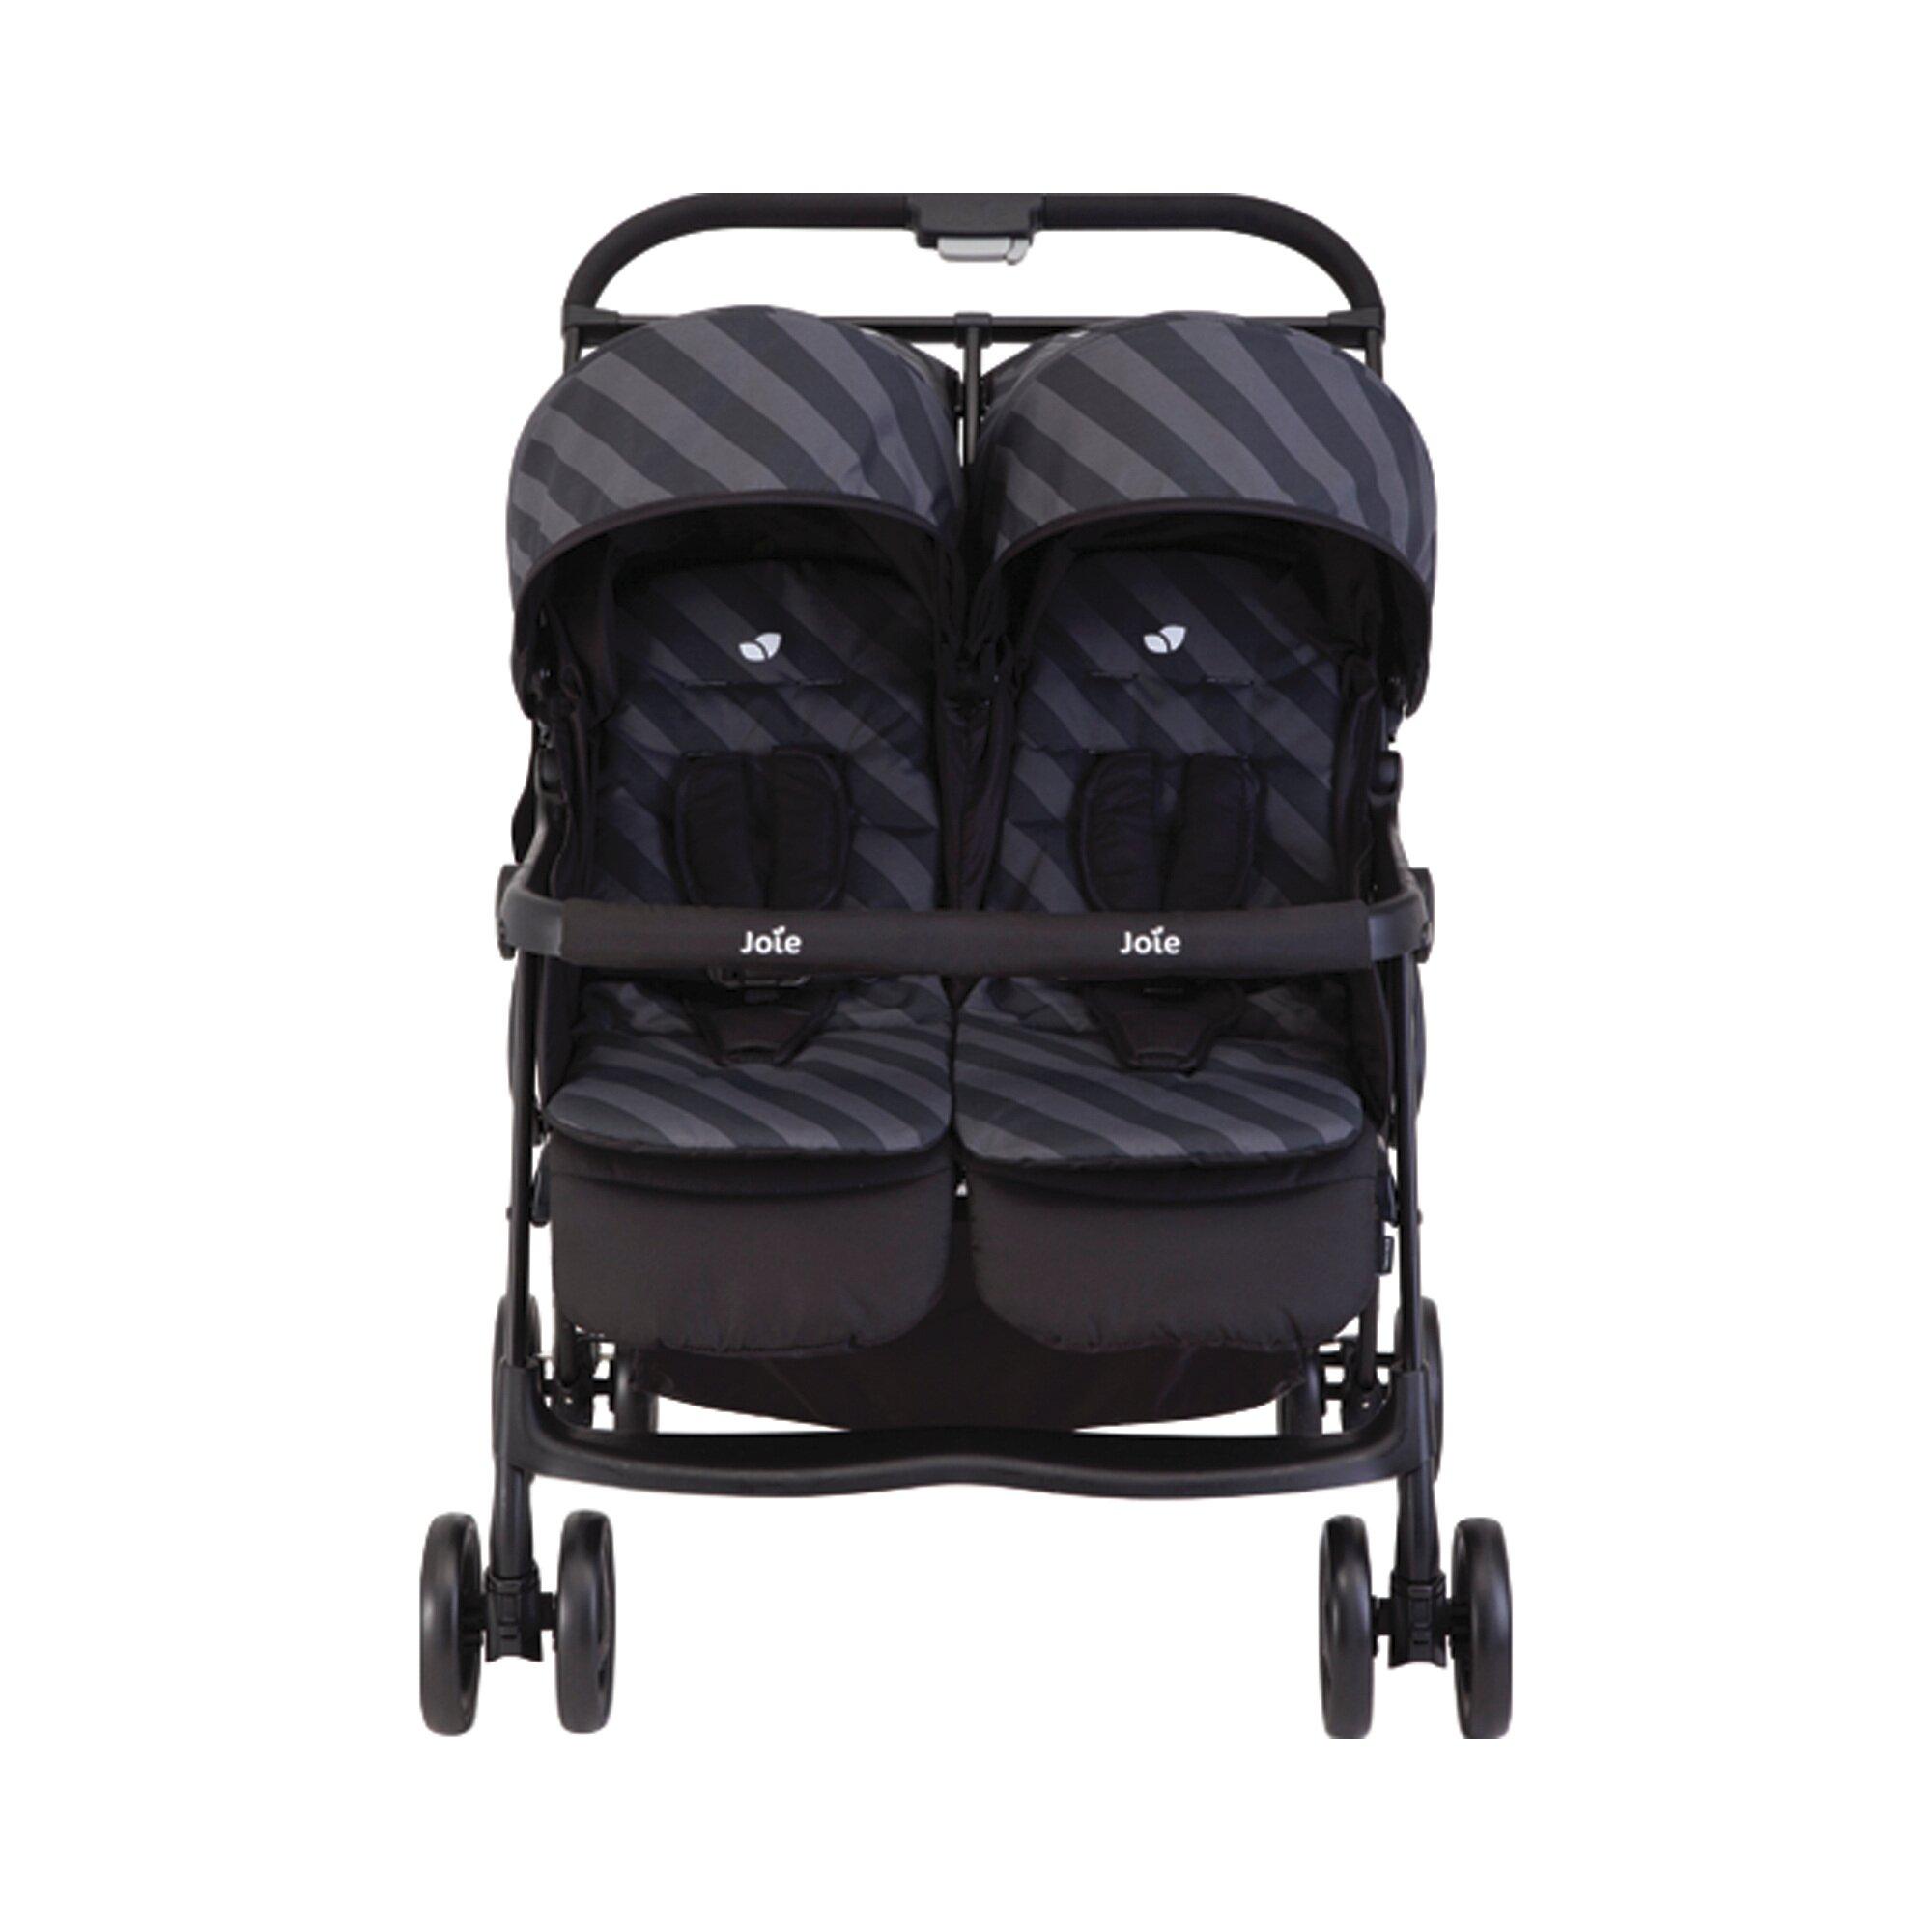 joie-aire-twin-kinderwagen-zwillingswagen-design-2016-schwarz